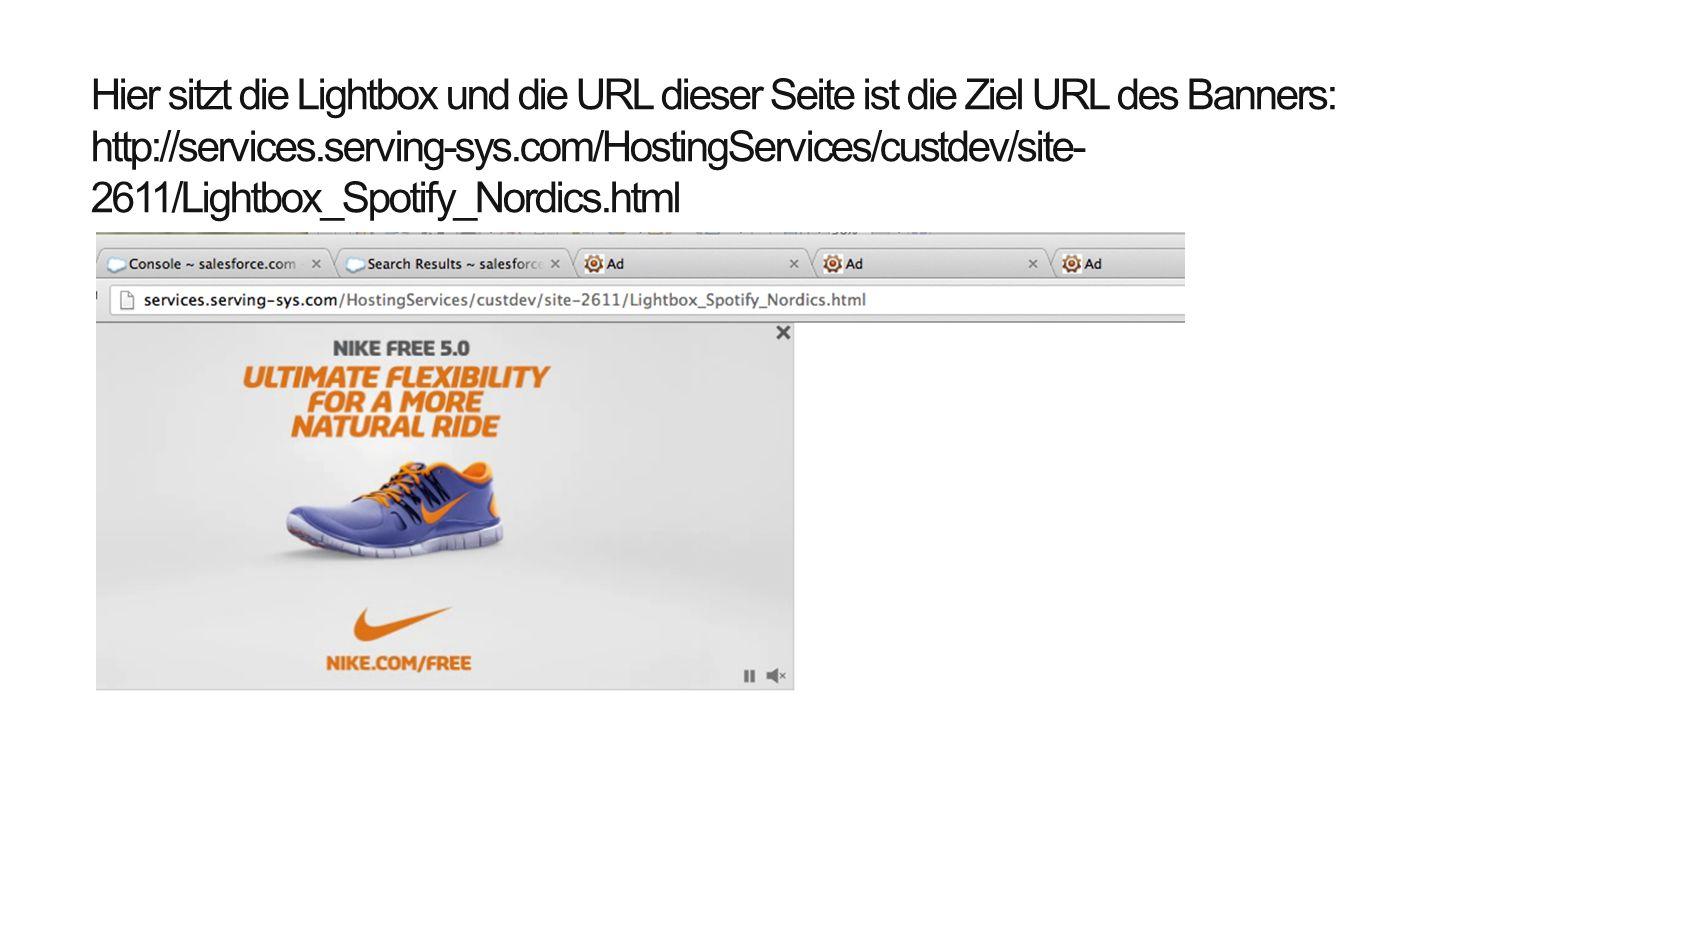 Hier sitzt die Lightbox und die URL dieser Seite ist die Ziel URL des Banners: http://services.serving-sys.com/HostingServices/custdev/site-2611/Lightbox_Spotify_Nordics.html